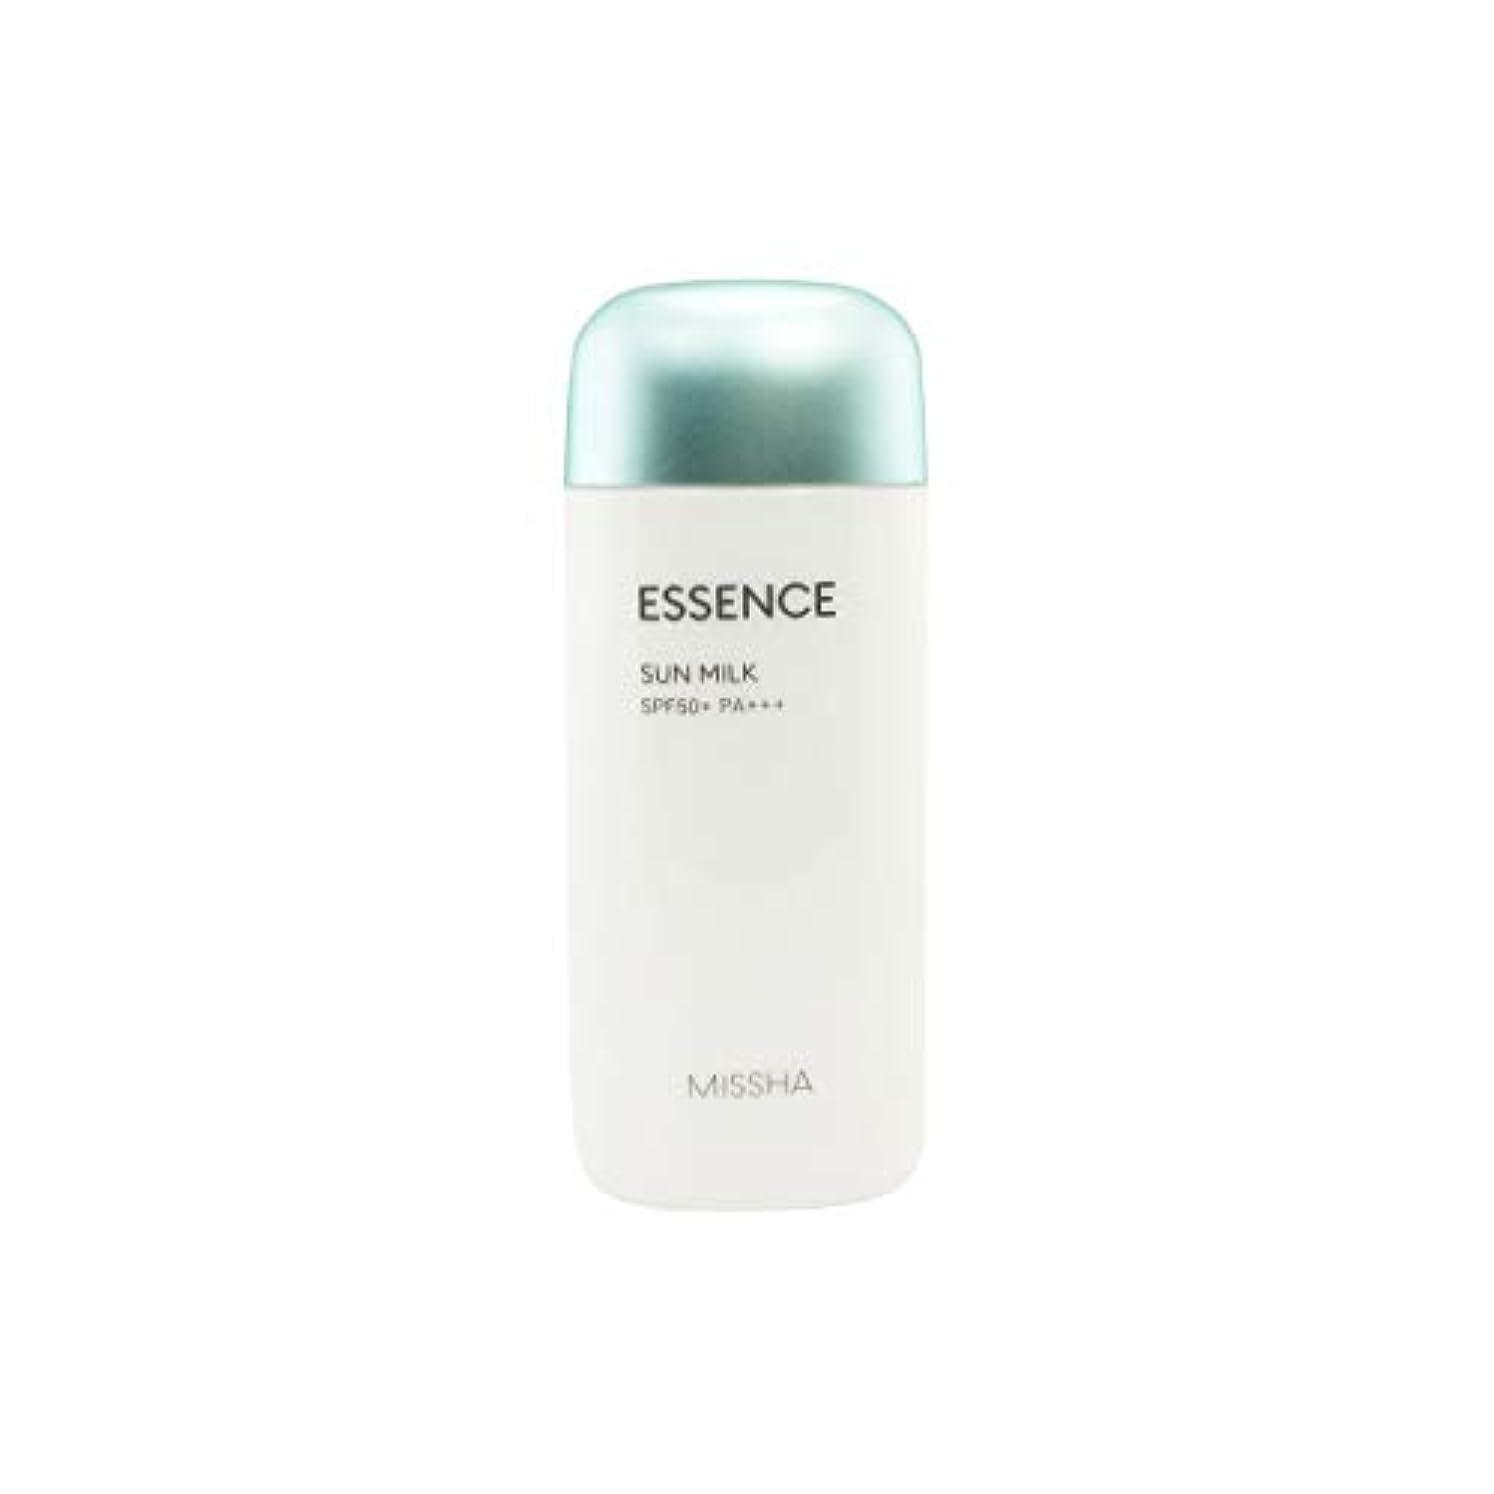 くま輪郭静脈Missha All-around Safe Block Essence Sun Milk Spf50+/pa+++ 70ml [並行輸入品]